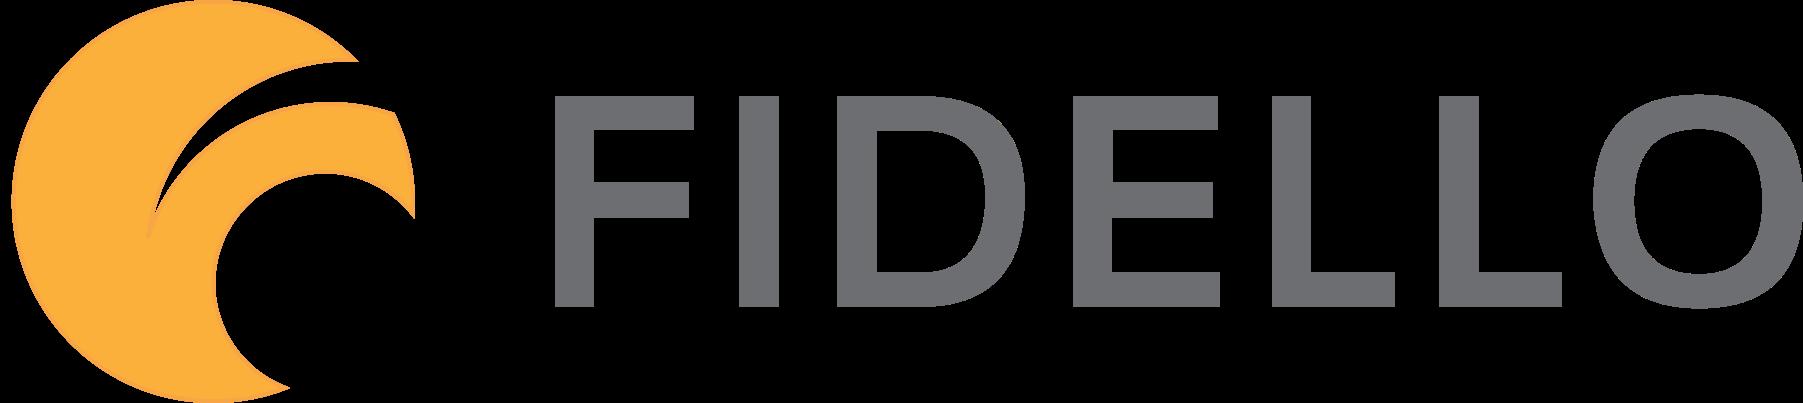 Fidello, Inc.